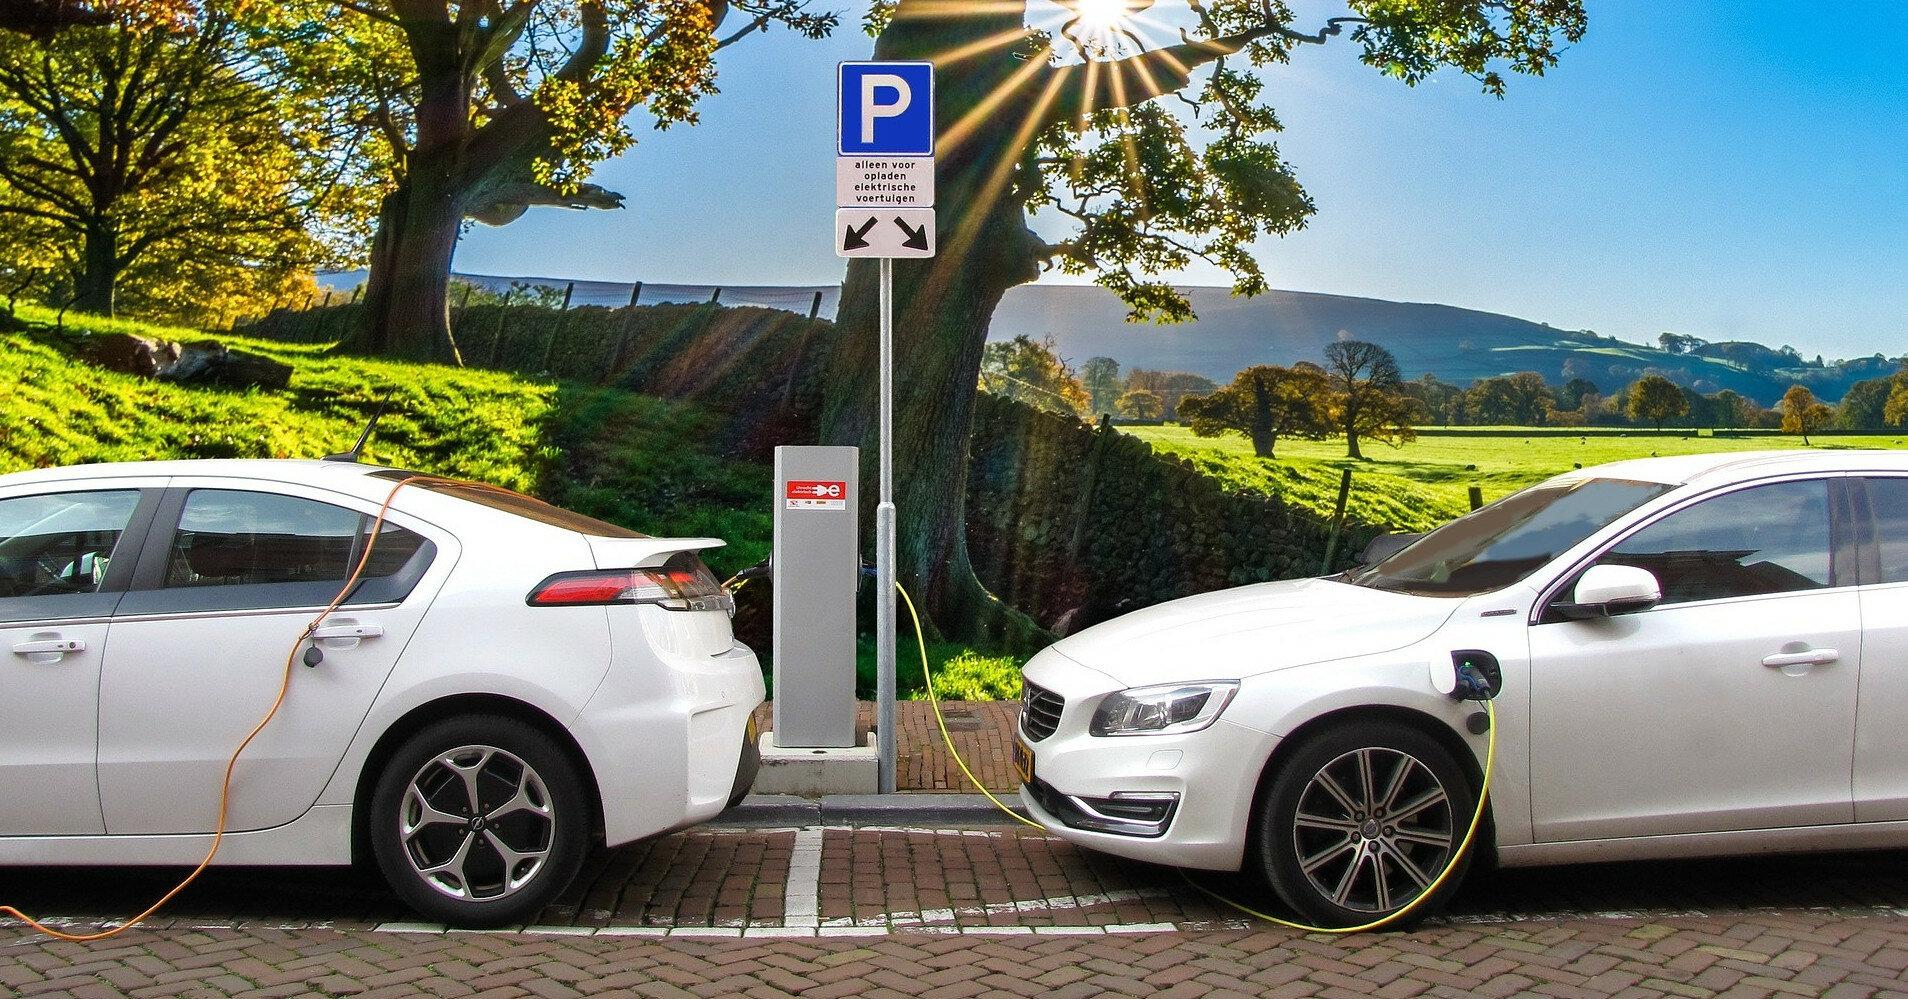 Насколько производство электромобилей вредит экологии